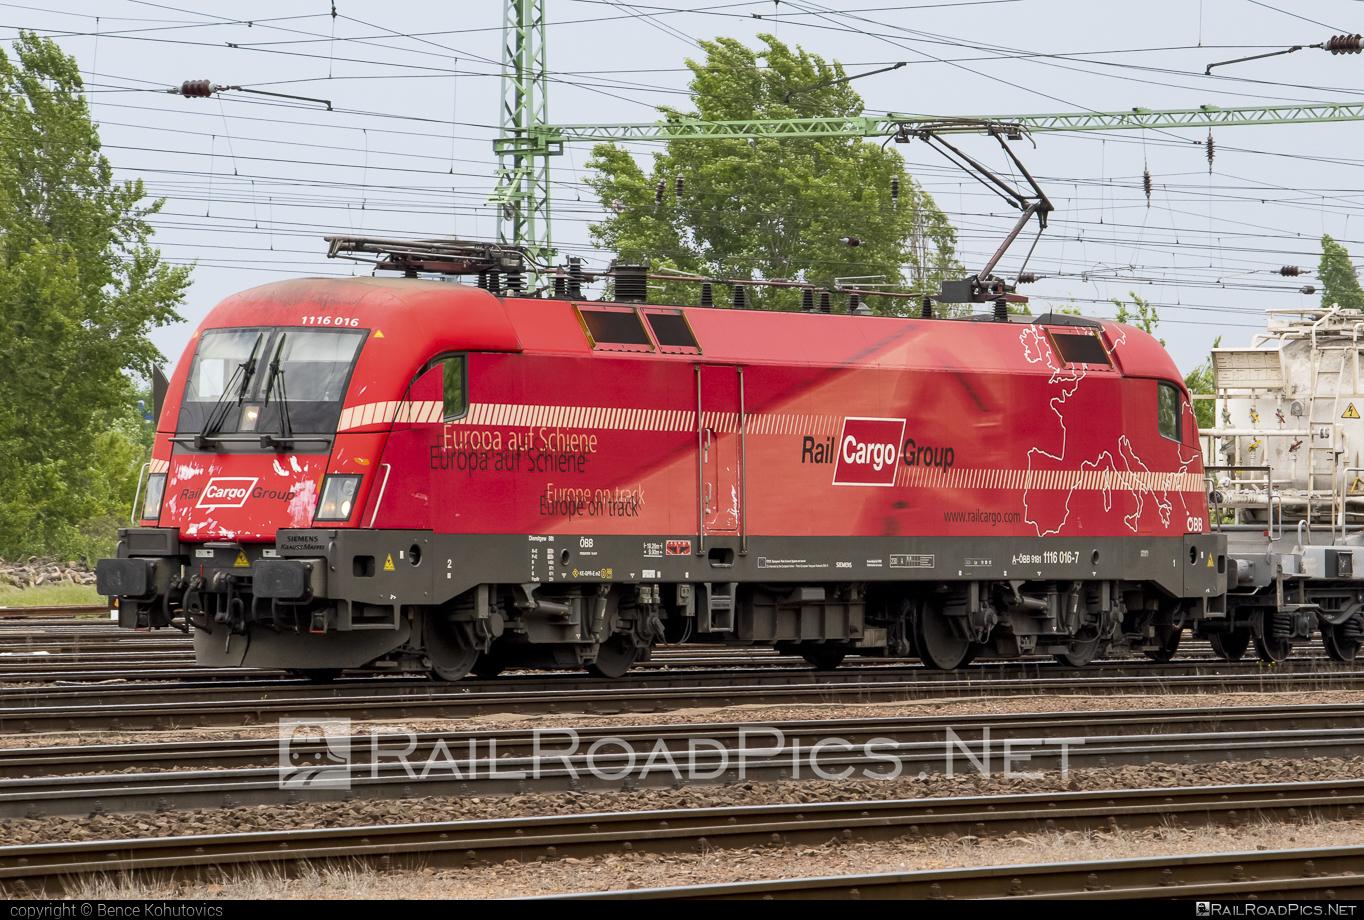 Siemens ES 64 U2 - 1116 016 operated by Rail Cargo Hungaria ZRt. #es64 #es64u #es64u2 #eurosprinter #obb #osterreichischebundesbahnen #rch #siemens #siemenses64 #siemenses64u #siemenses64u2 #siemenstaurus #taurus #tauruslocomotive